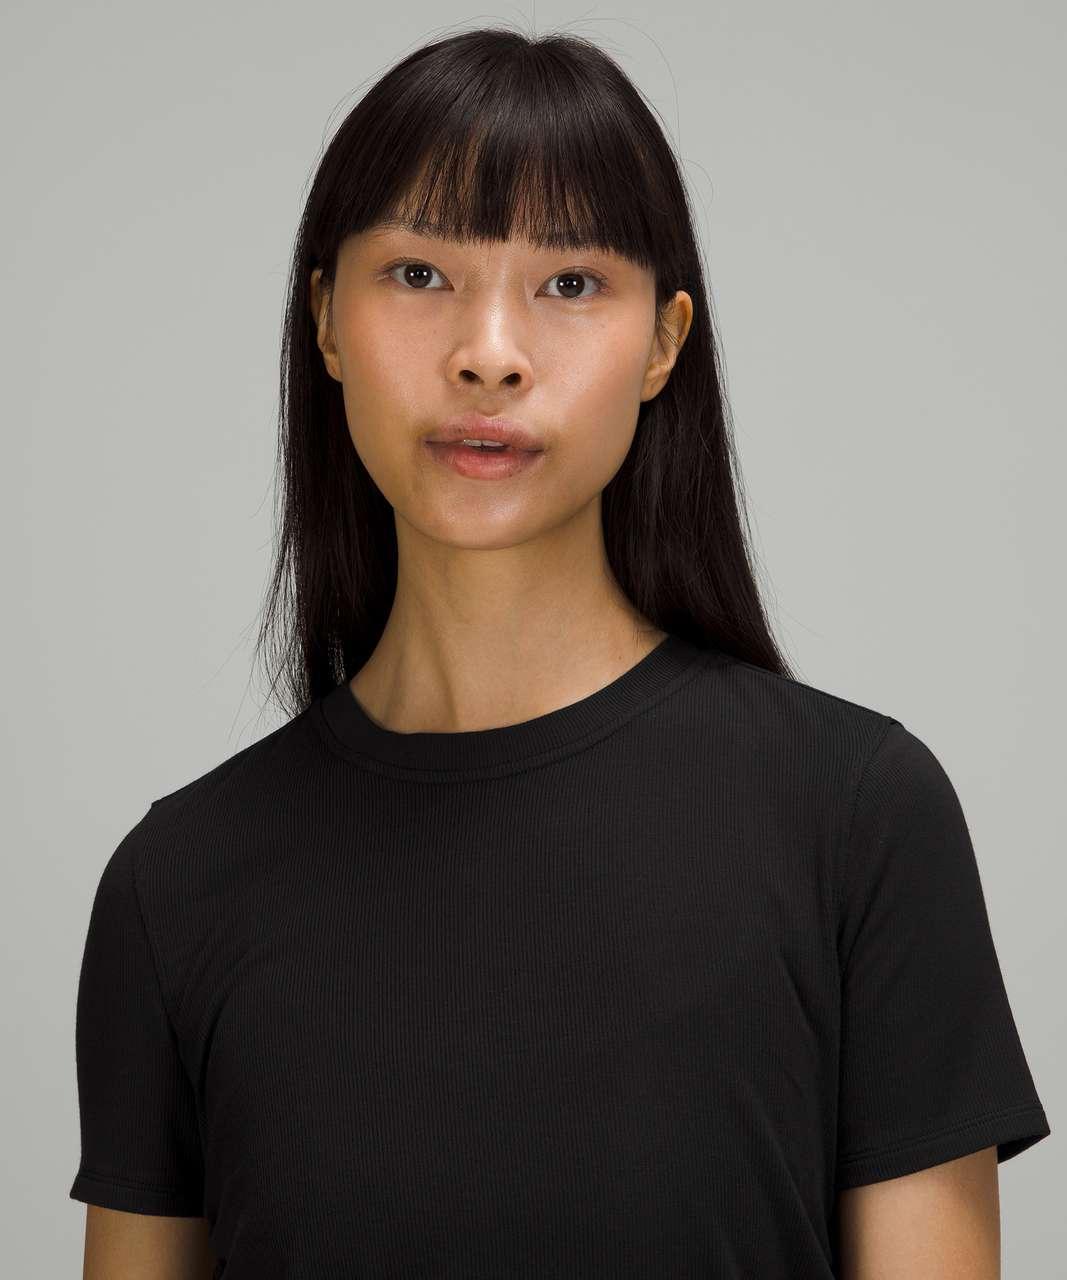 Lululemon Side Cinch Ribbed T-Shirt - Black